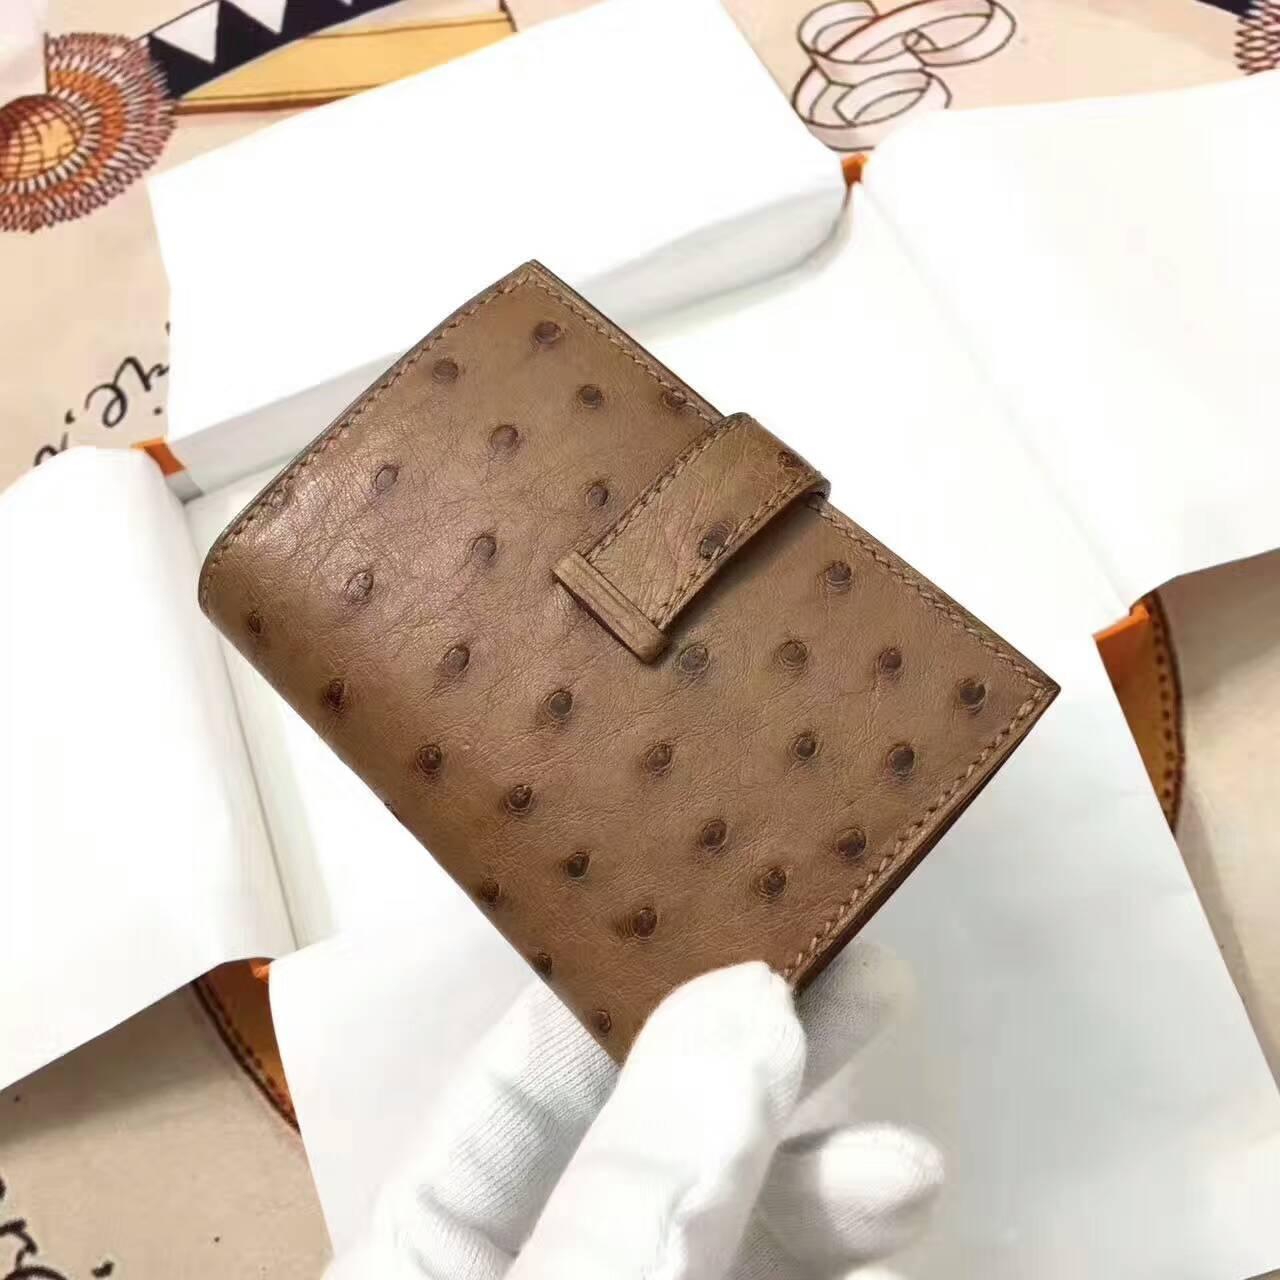 爱马仕卡包 鸵鸟皮 土黄 银扣 手工蜡线 时尚又实用